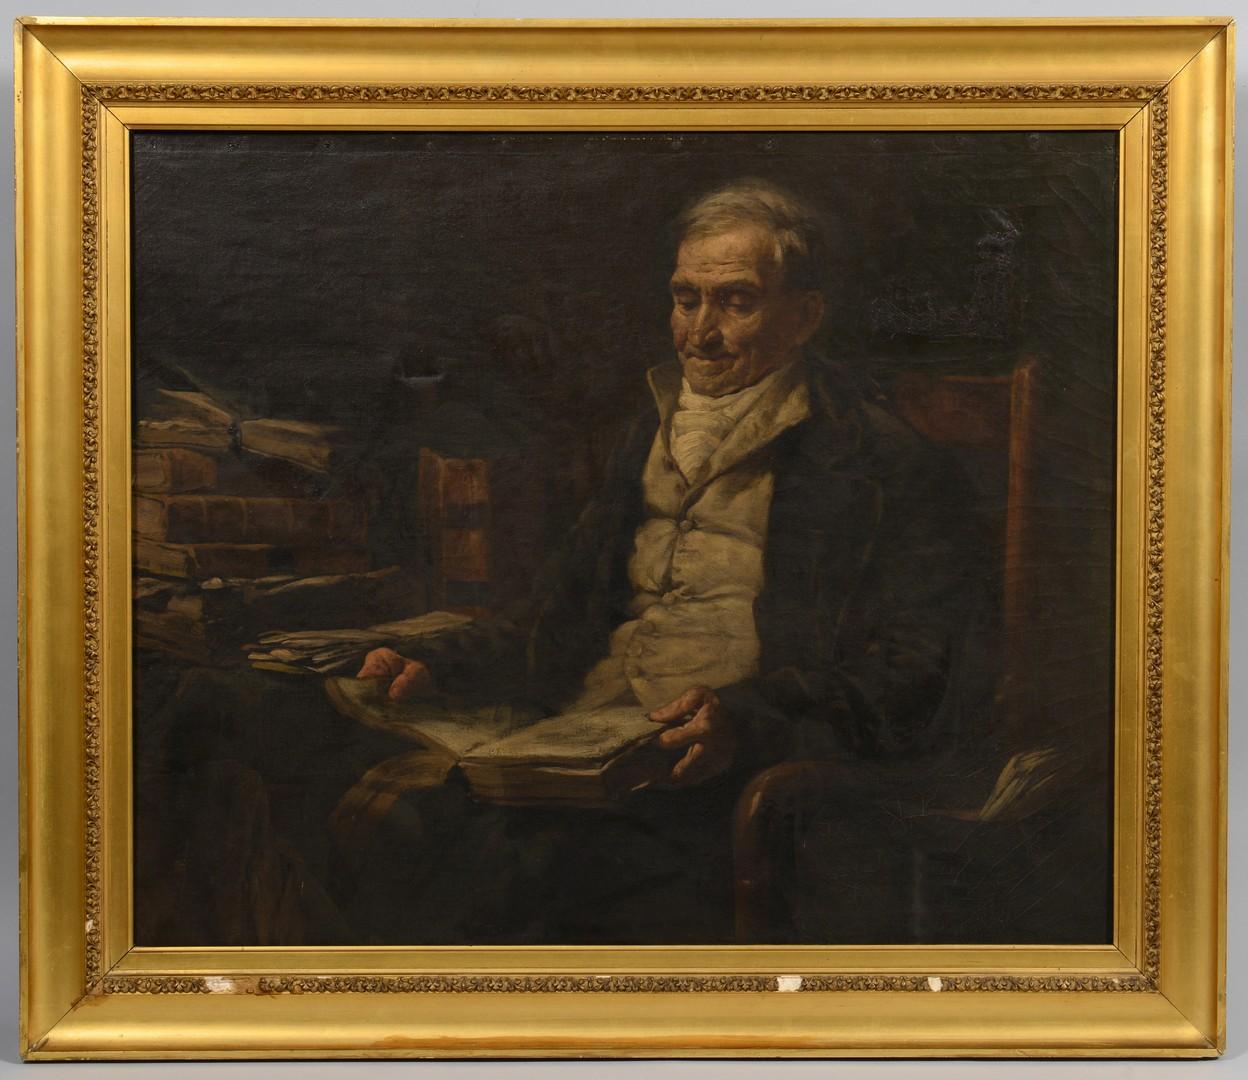 Lot 243: Interior Scene of Gentleman in Library Oil